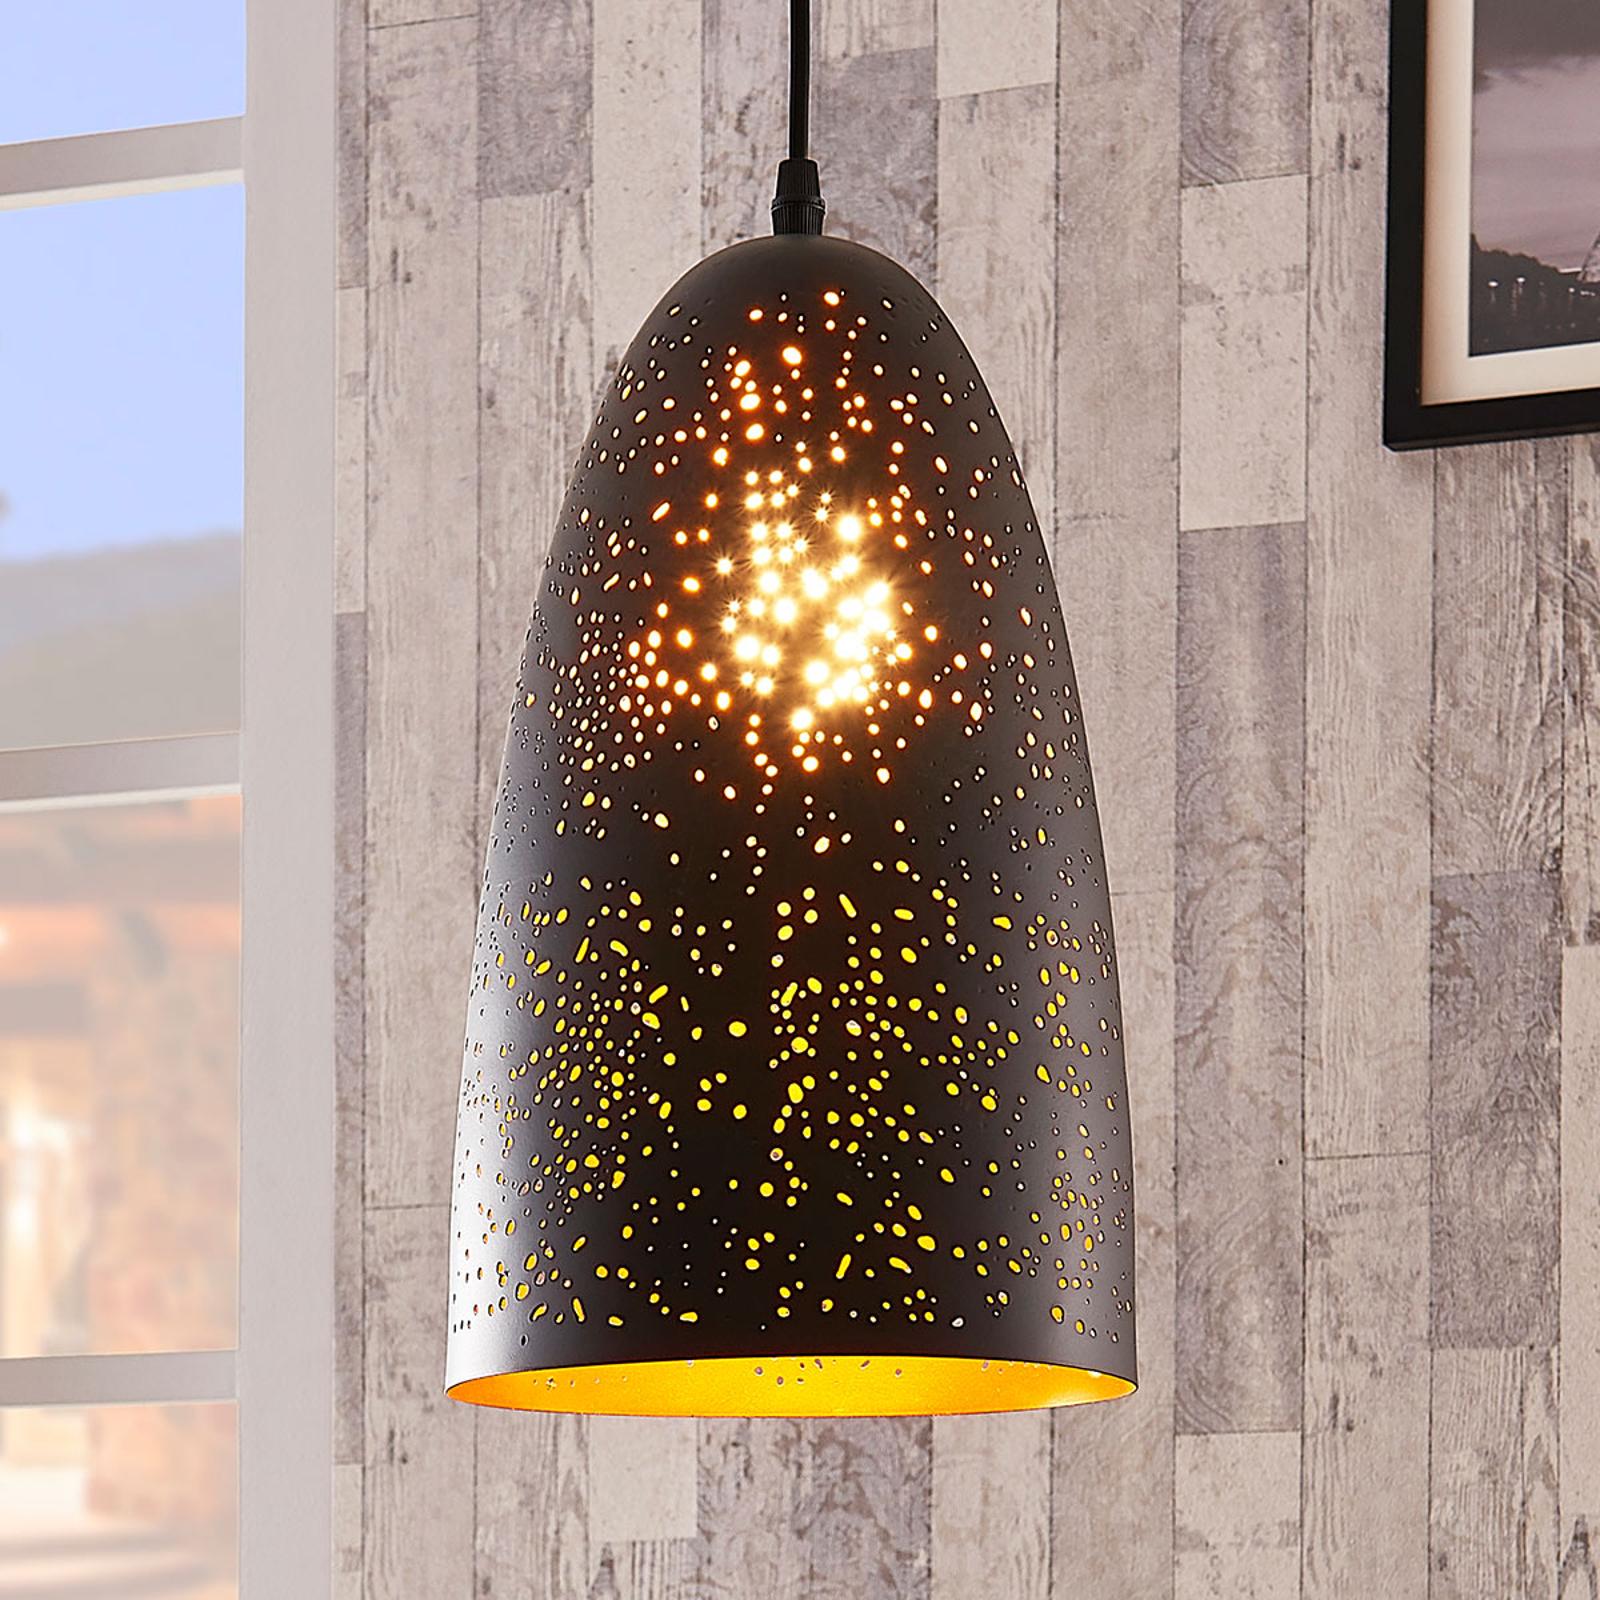 Zwart-gouden hanglamp Tola van metaal